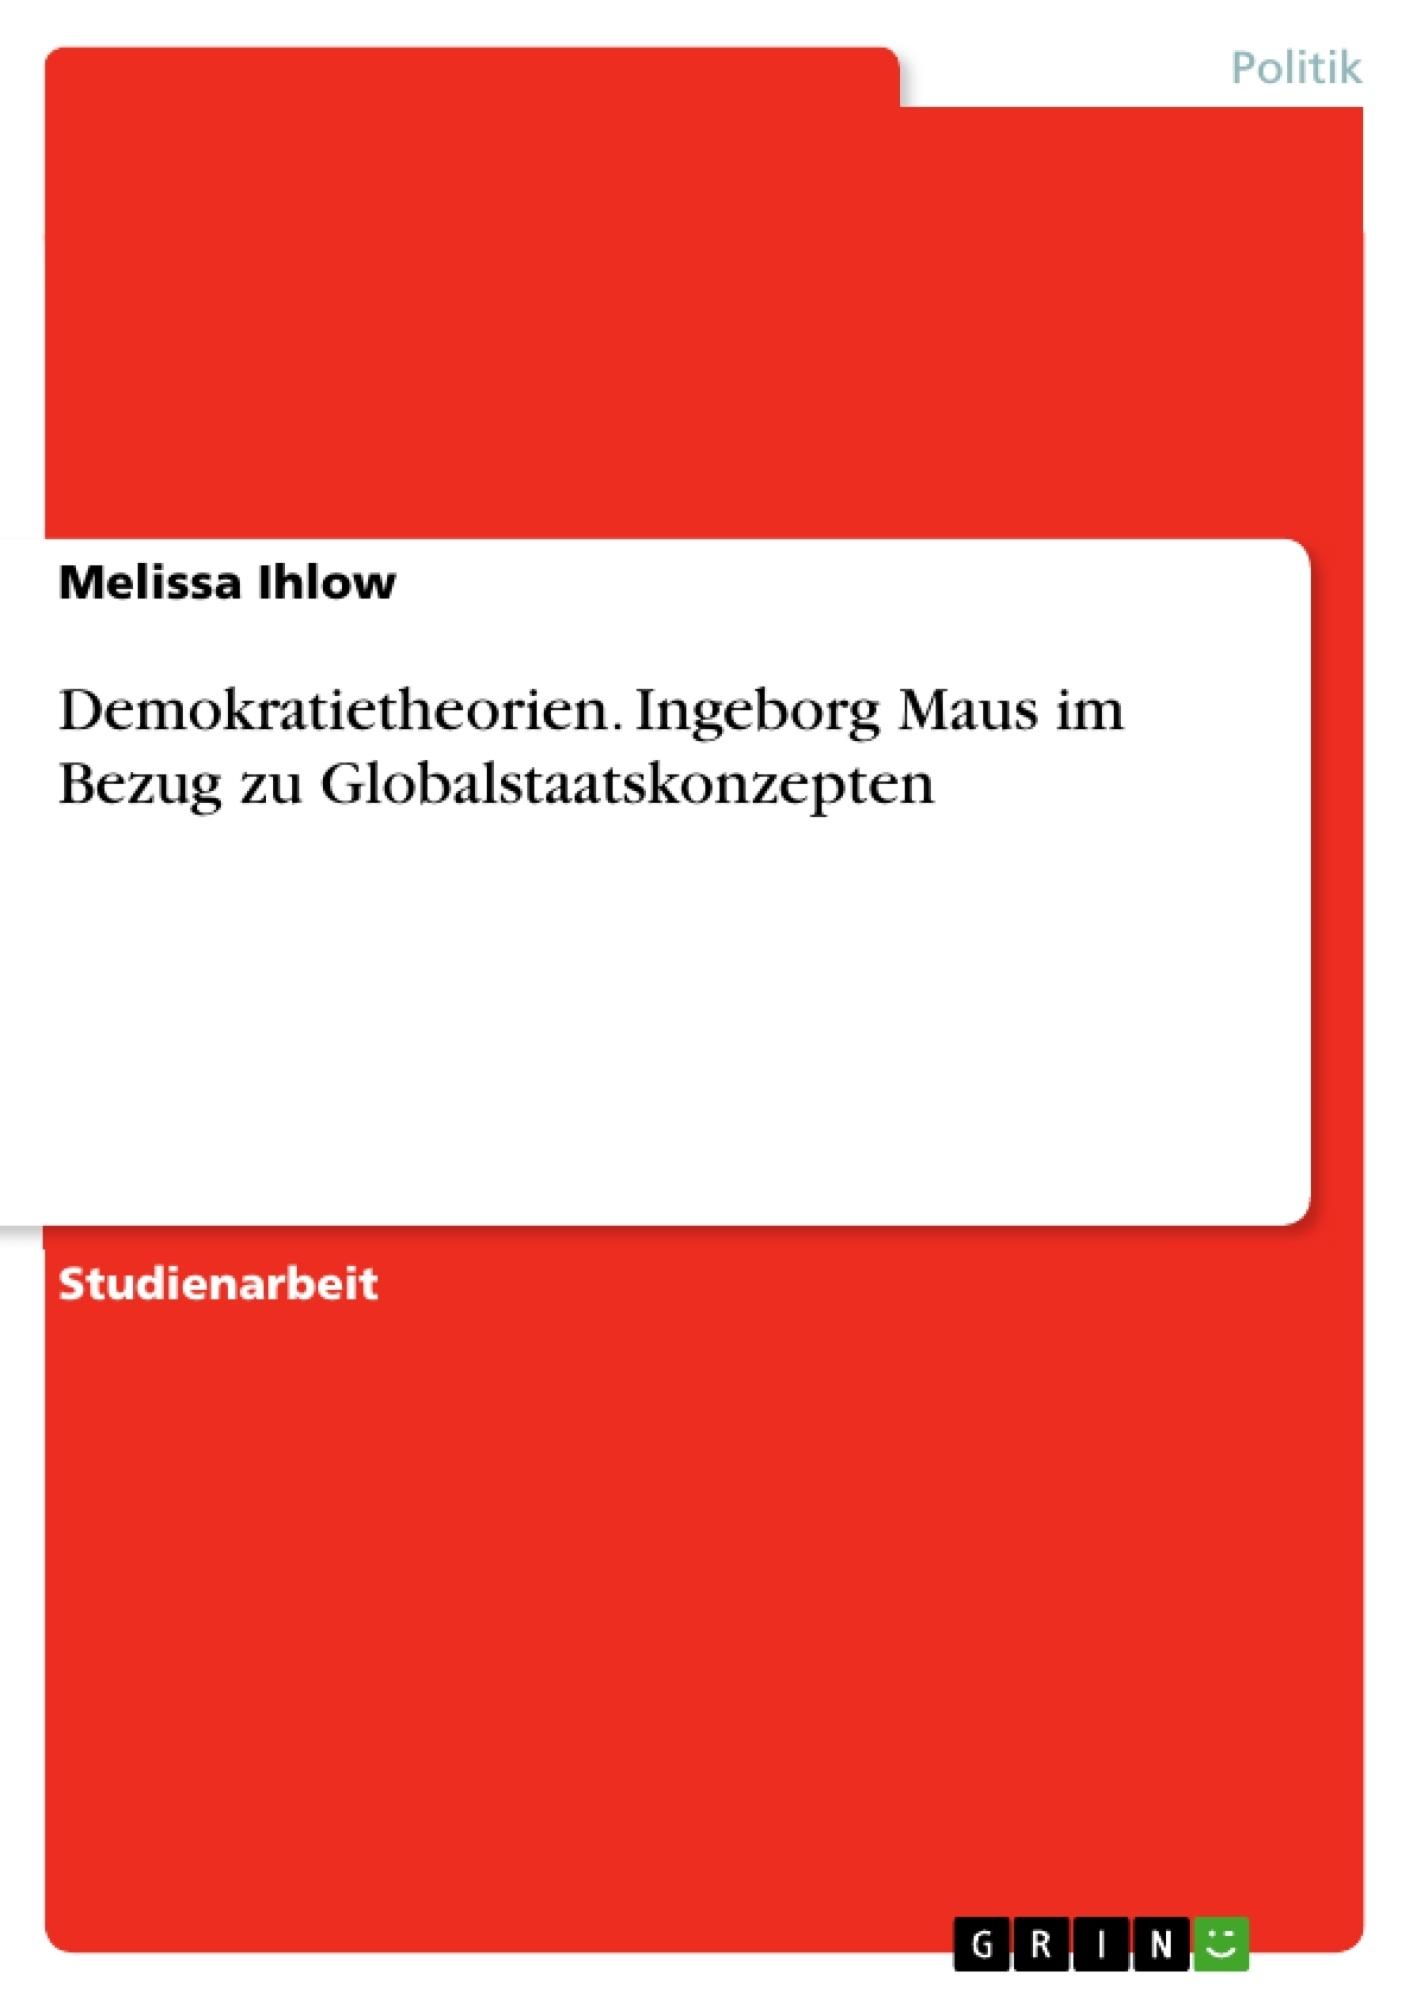 Titel: Demokratietheorien. Ingeborg Maus im Bezug zu Globalstaatskonzepten